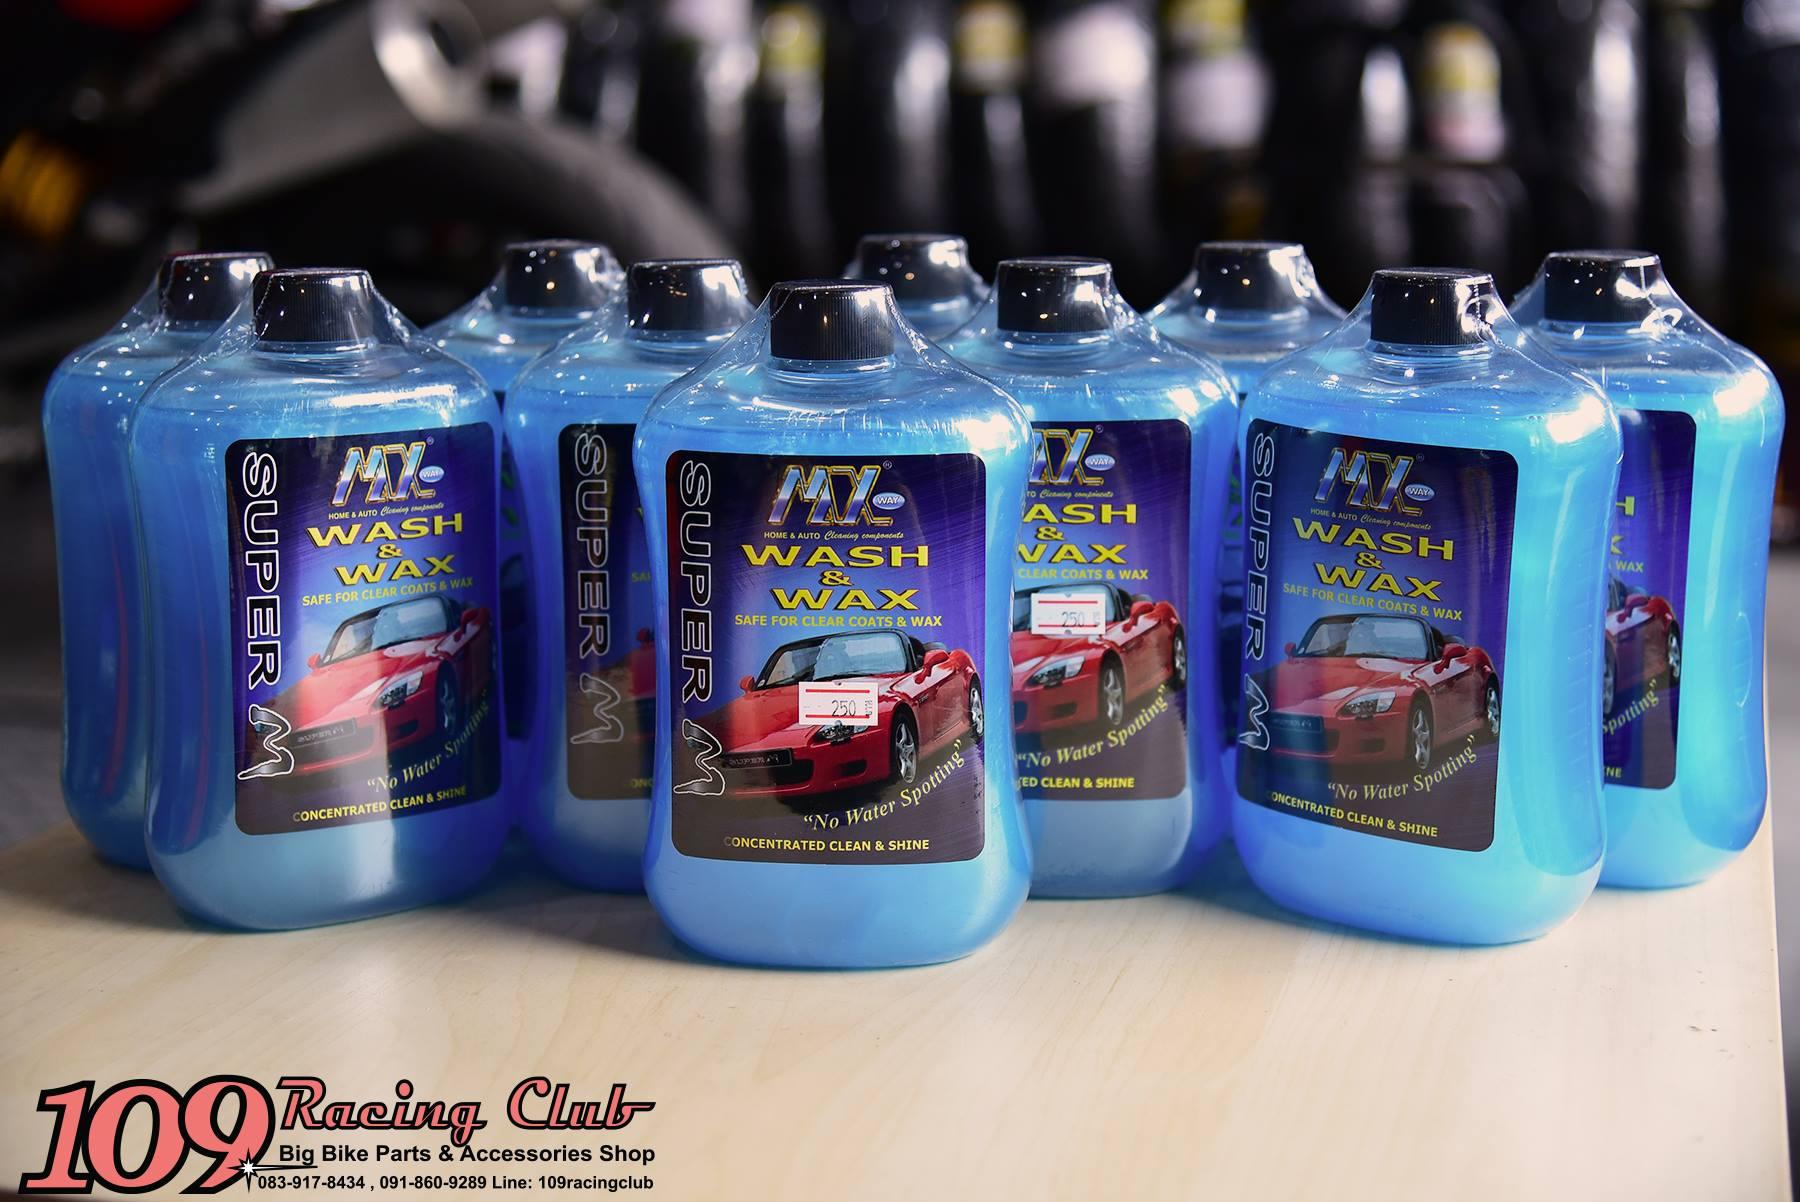 น้ำยาล้างรถแบบผสมน้ำยาเคลือบสี Max Way